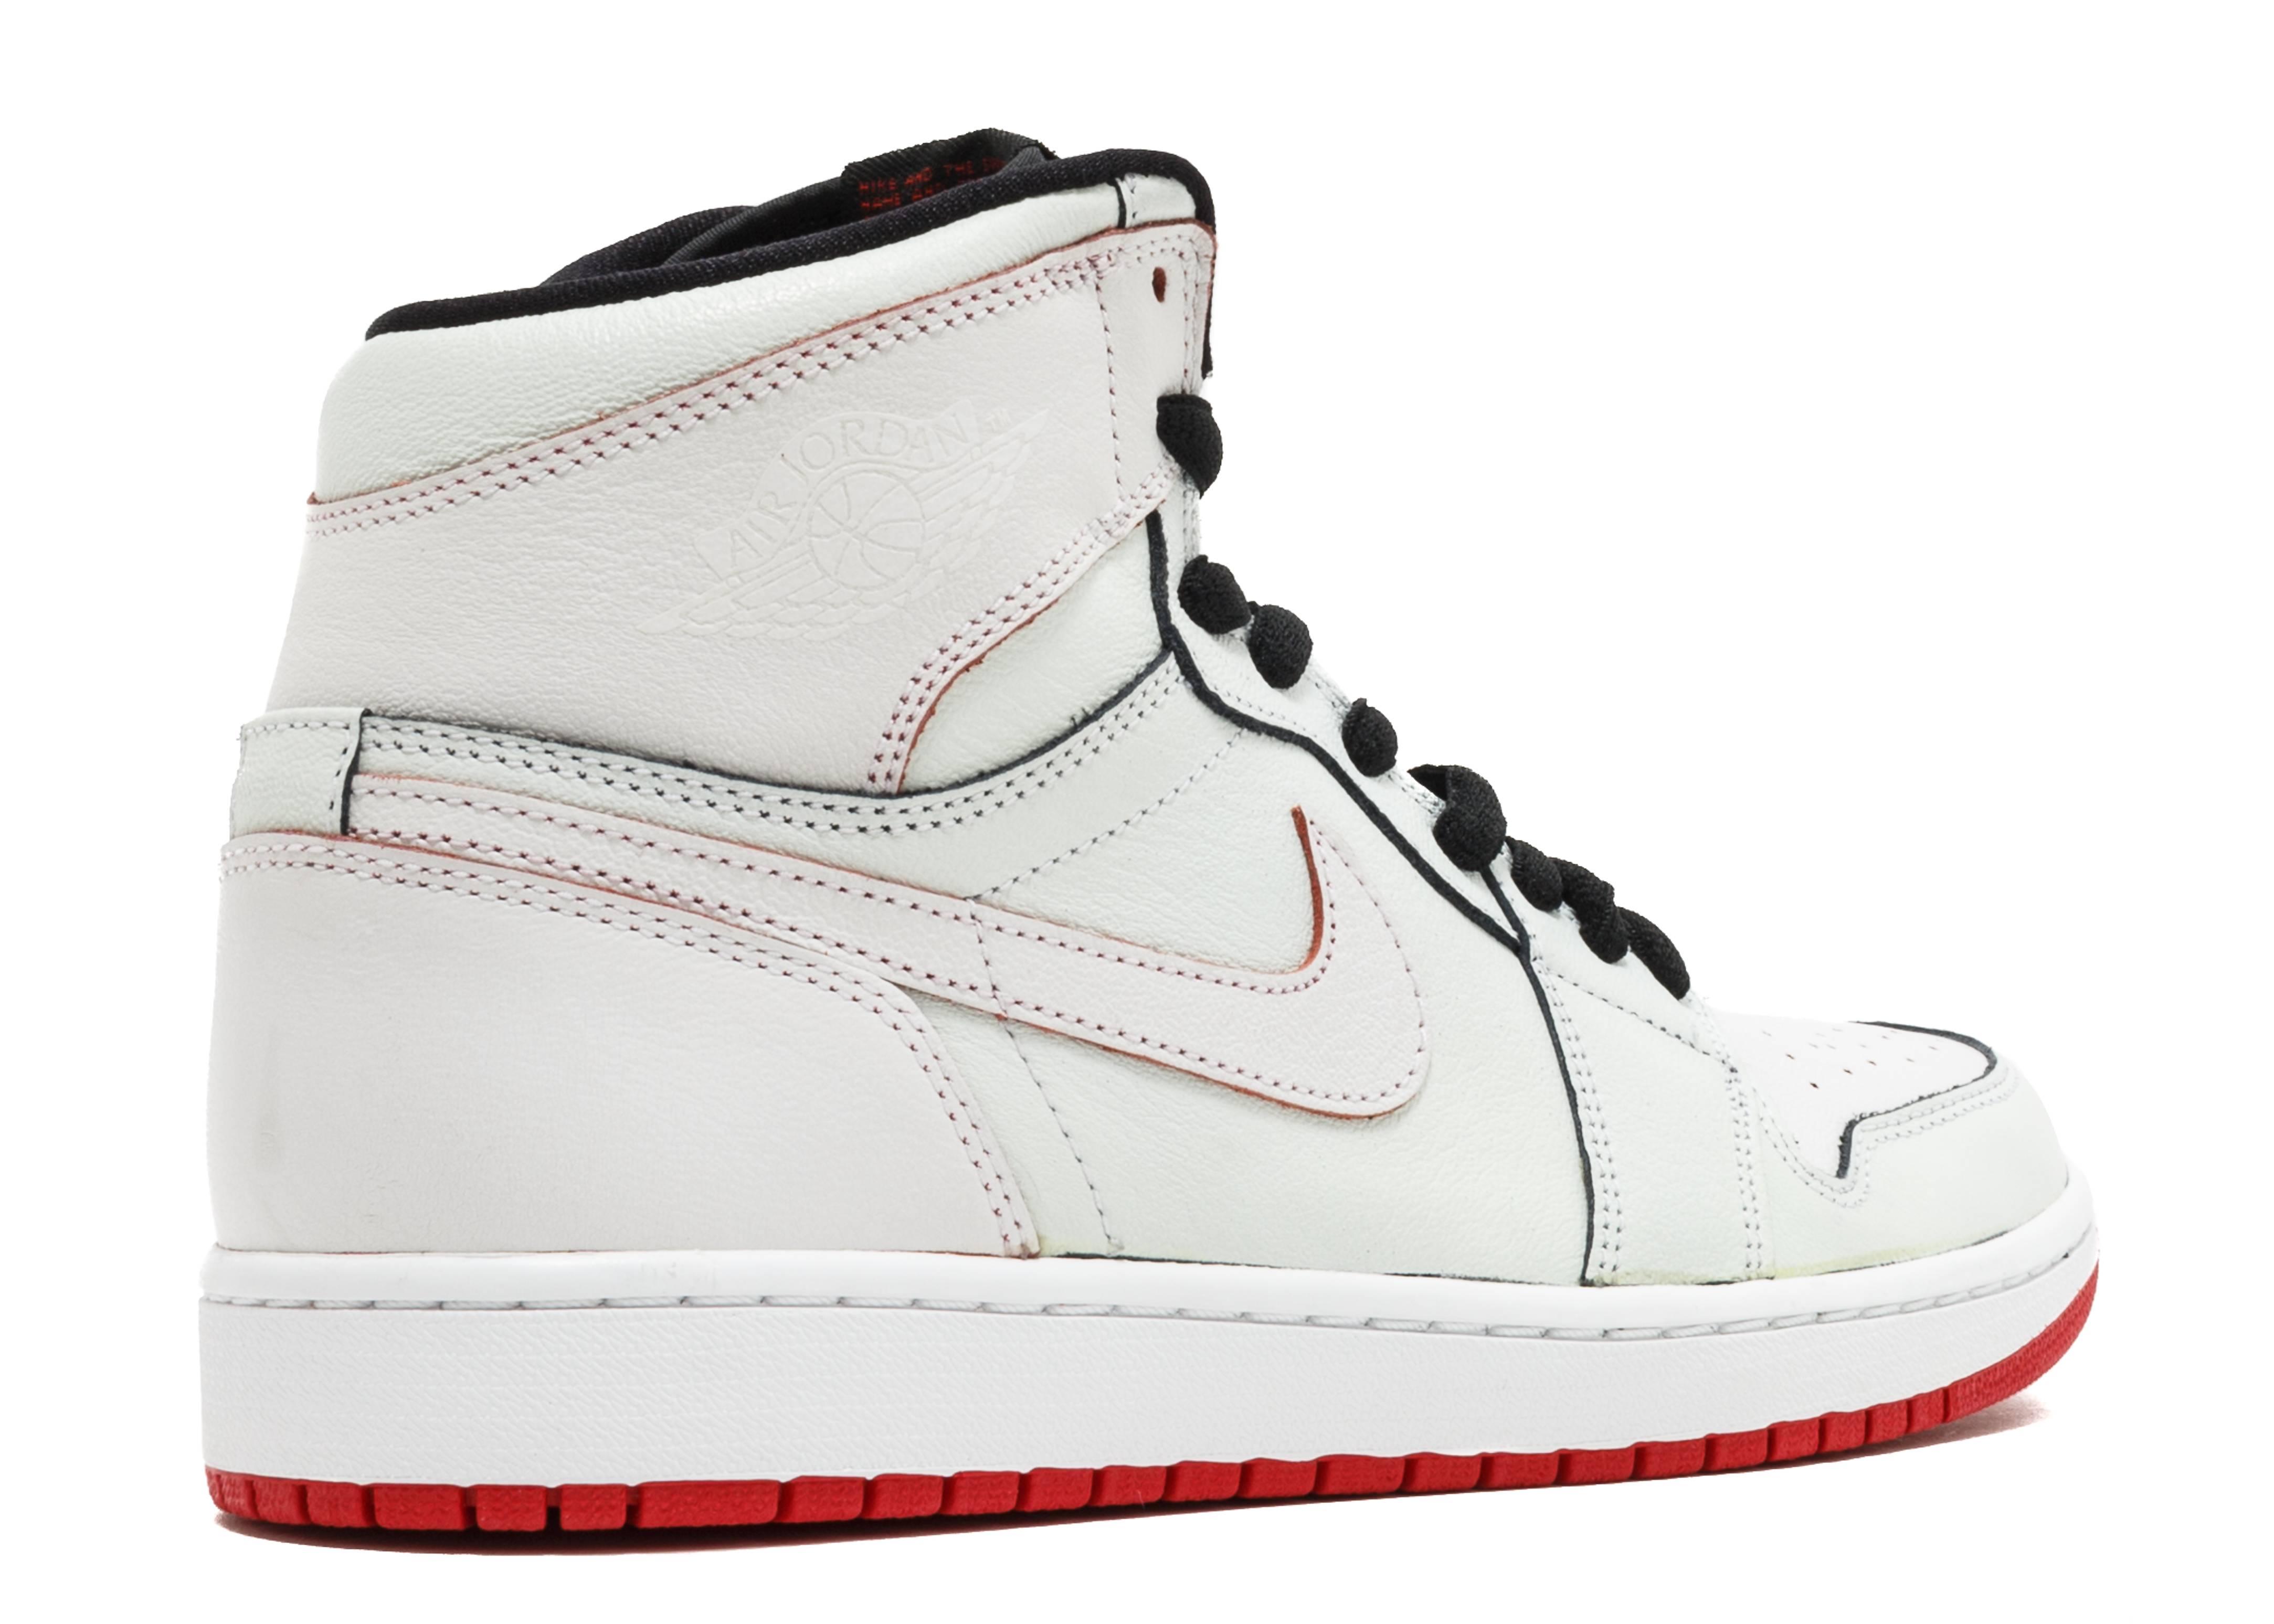 sports shoes e321a d1068 Jordan 1 Sb Qs